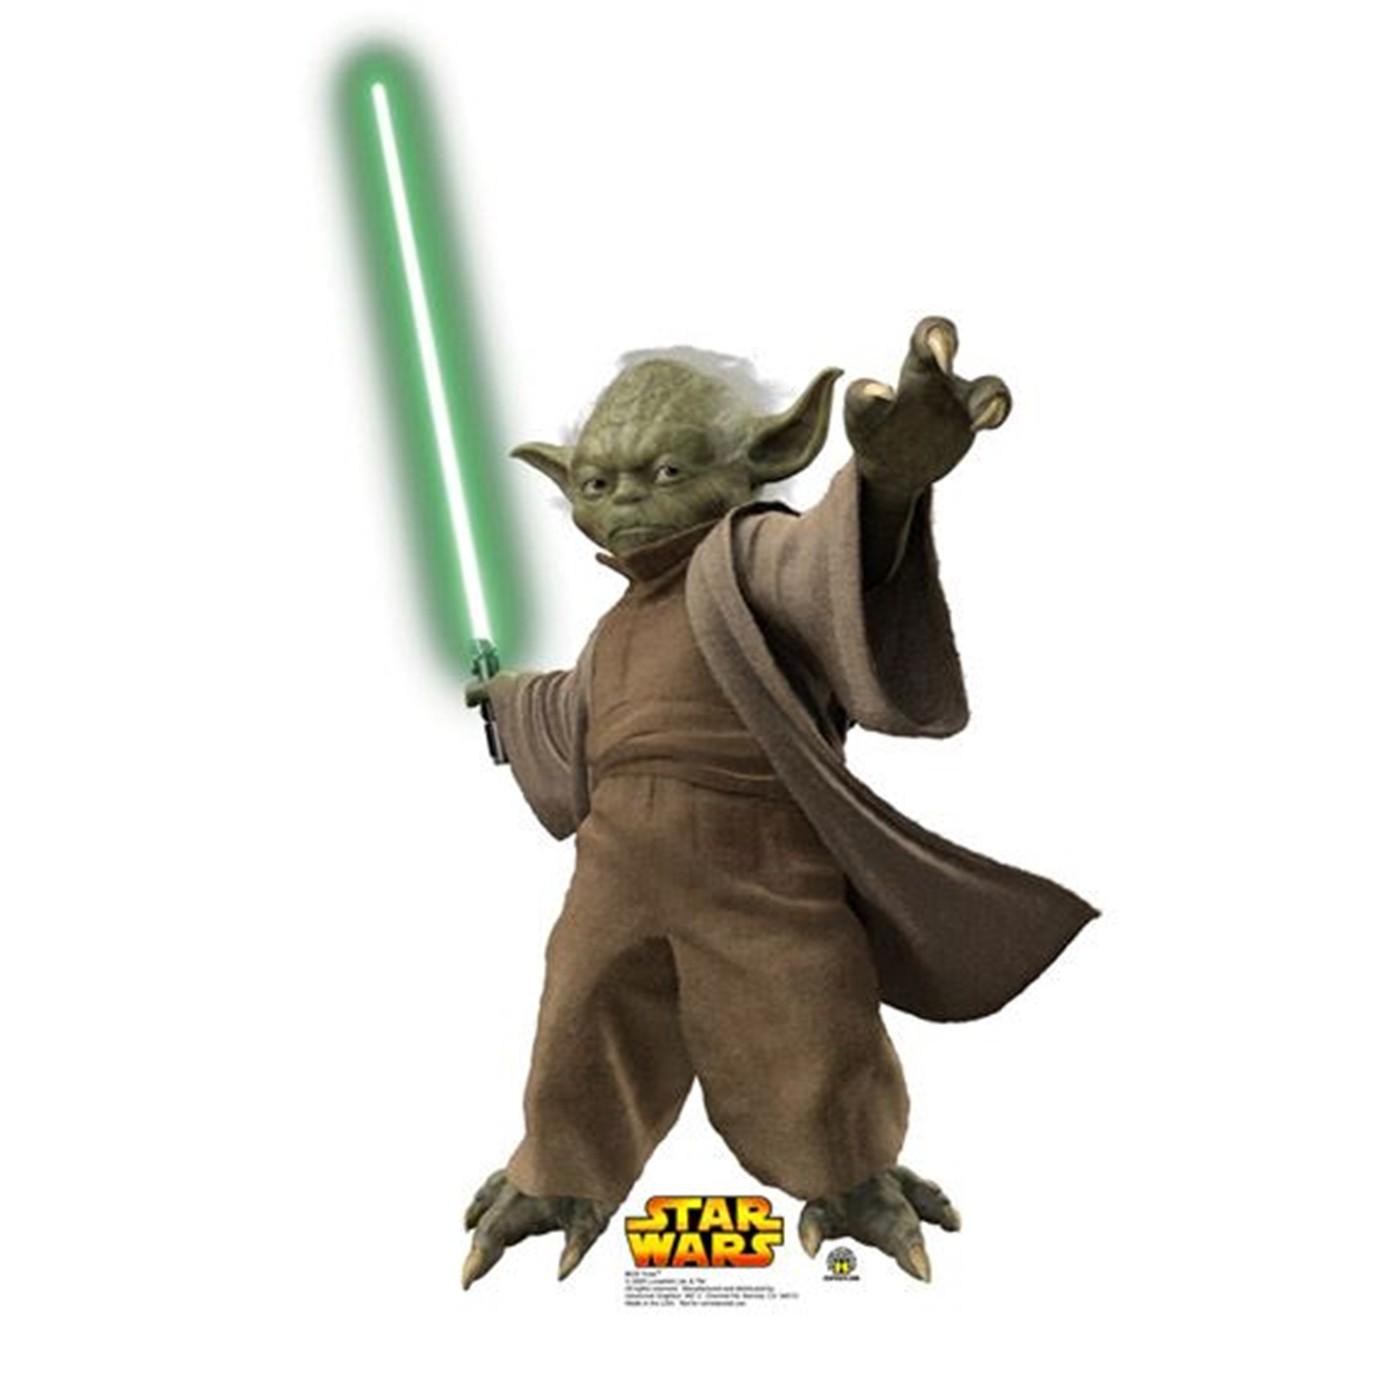 Star Wars Yoda Cardboard Cutout